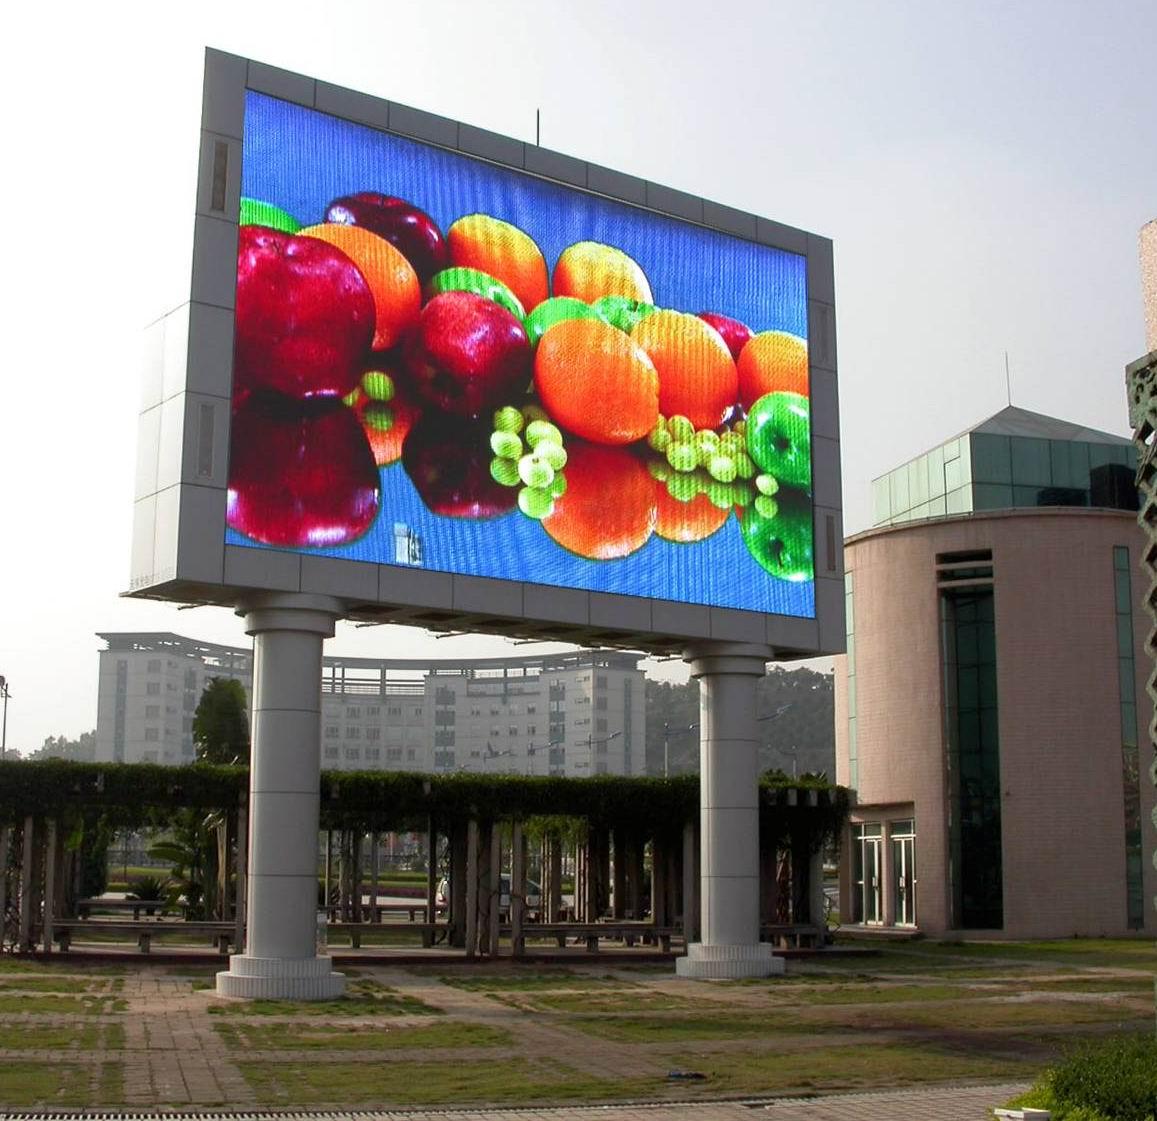 необычный рекламные мониторы картинки компании баттерфляй разрабатывают